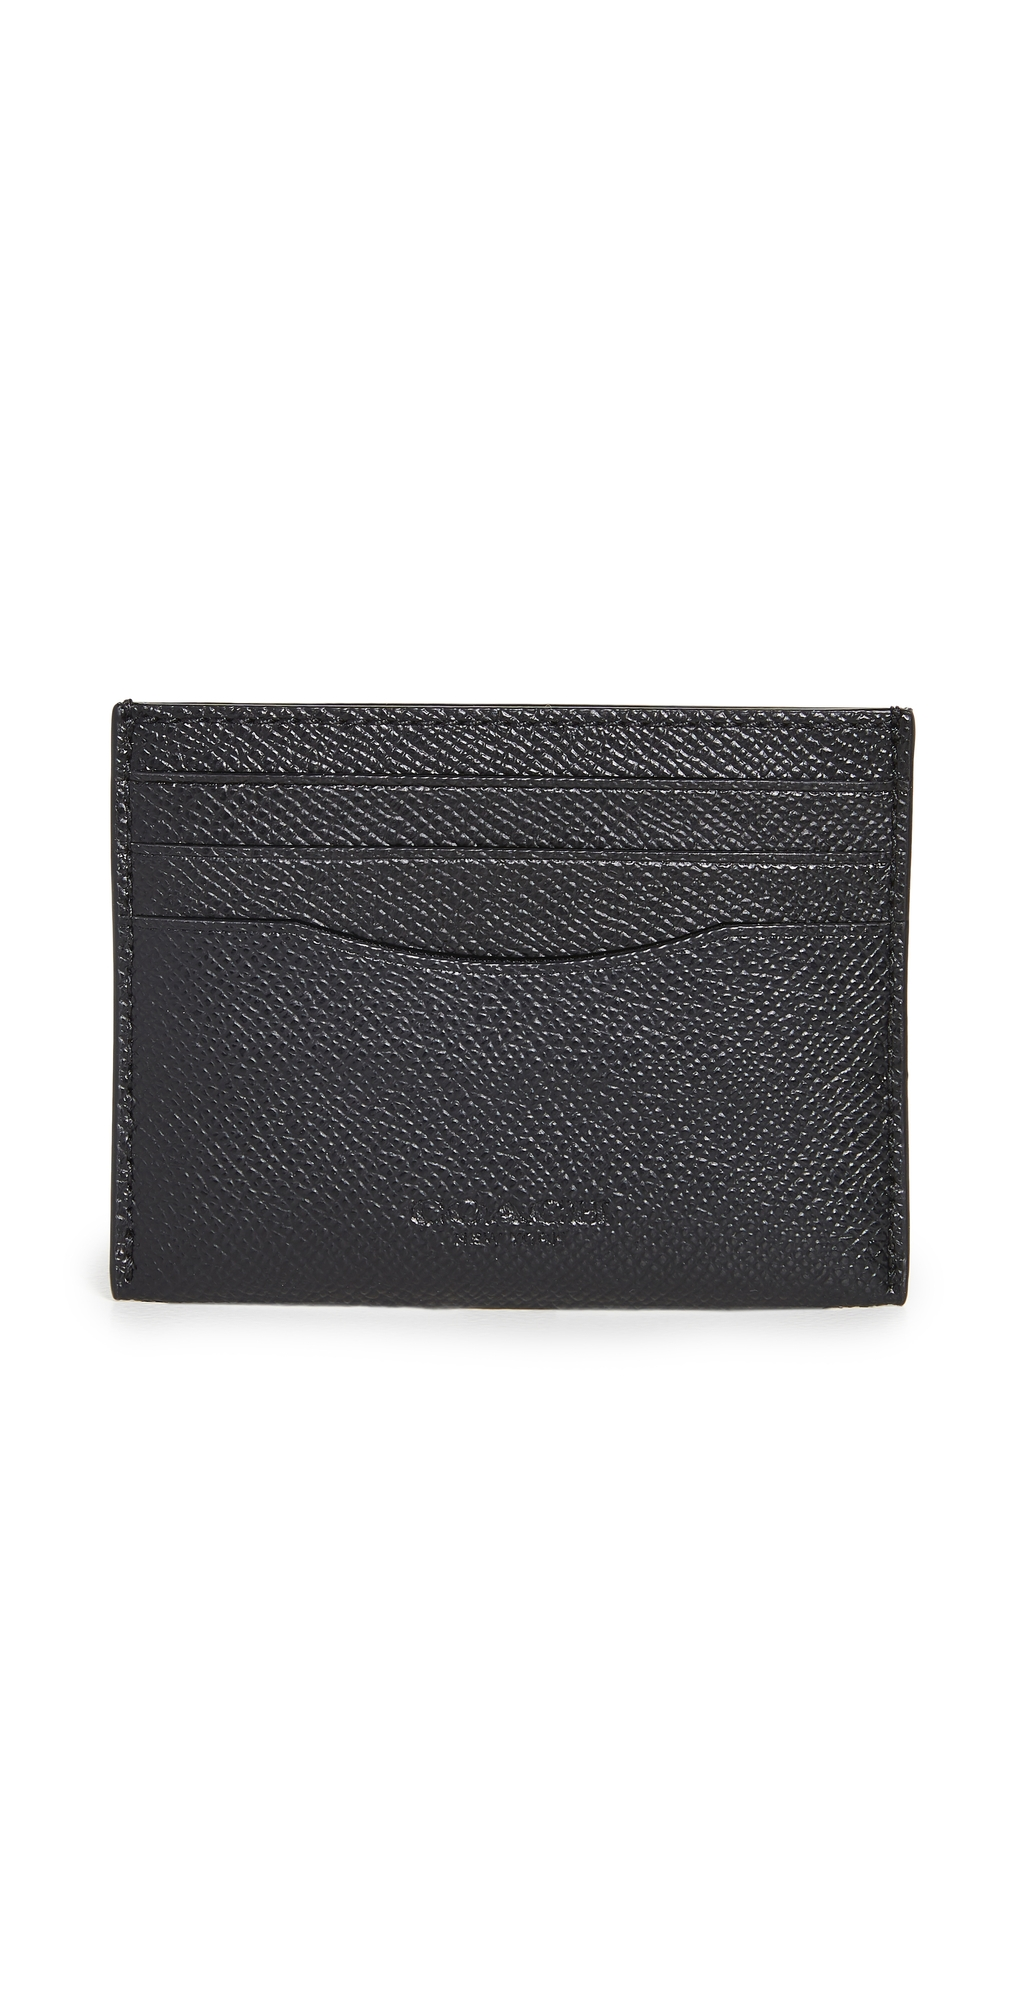 Flat Card Case in Cross Grain Leather